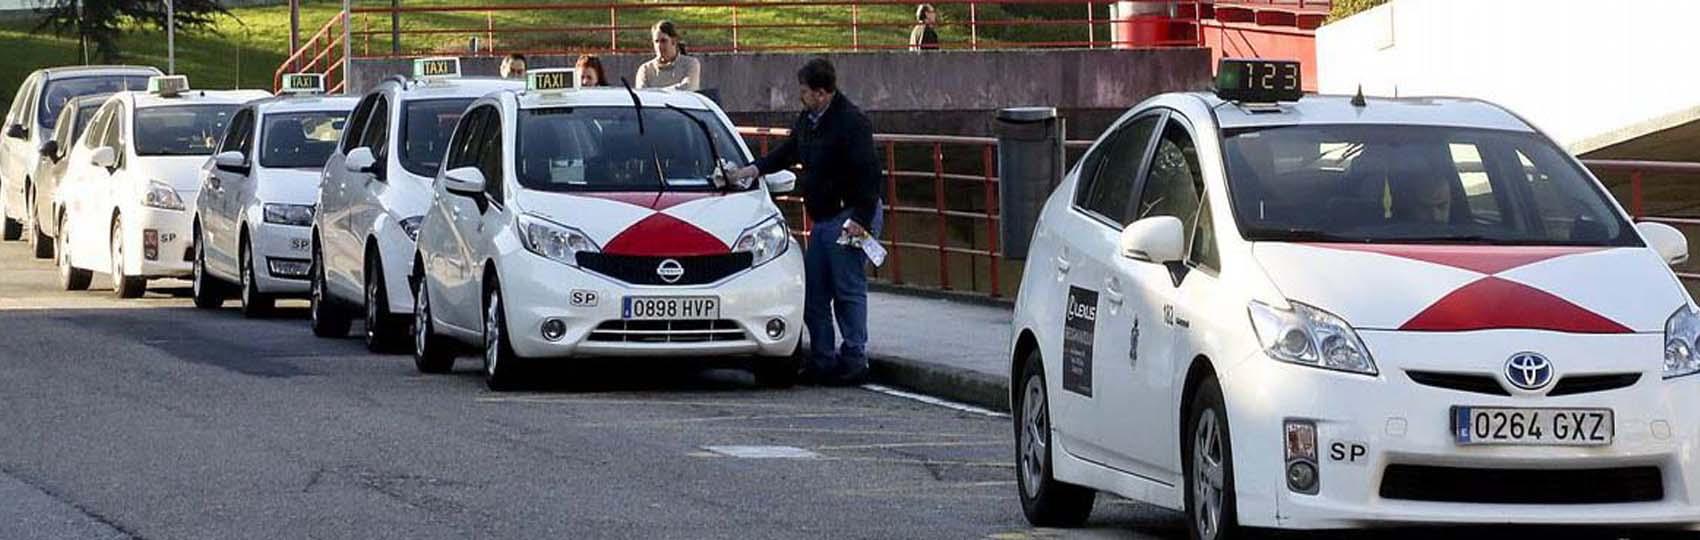 Noticias del sector del taxi y la movilidad en Vigo. Mantente informado de todas las noticias del taxi de Vigo en el grupo de Facebook de Todo Taxi.